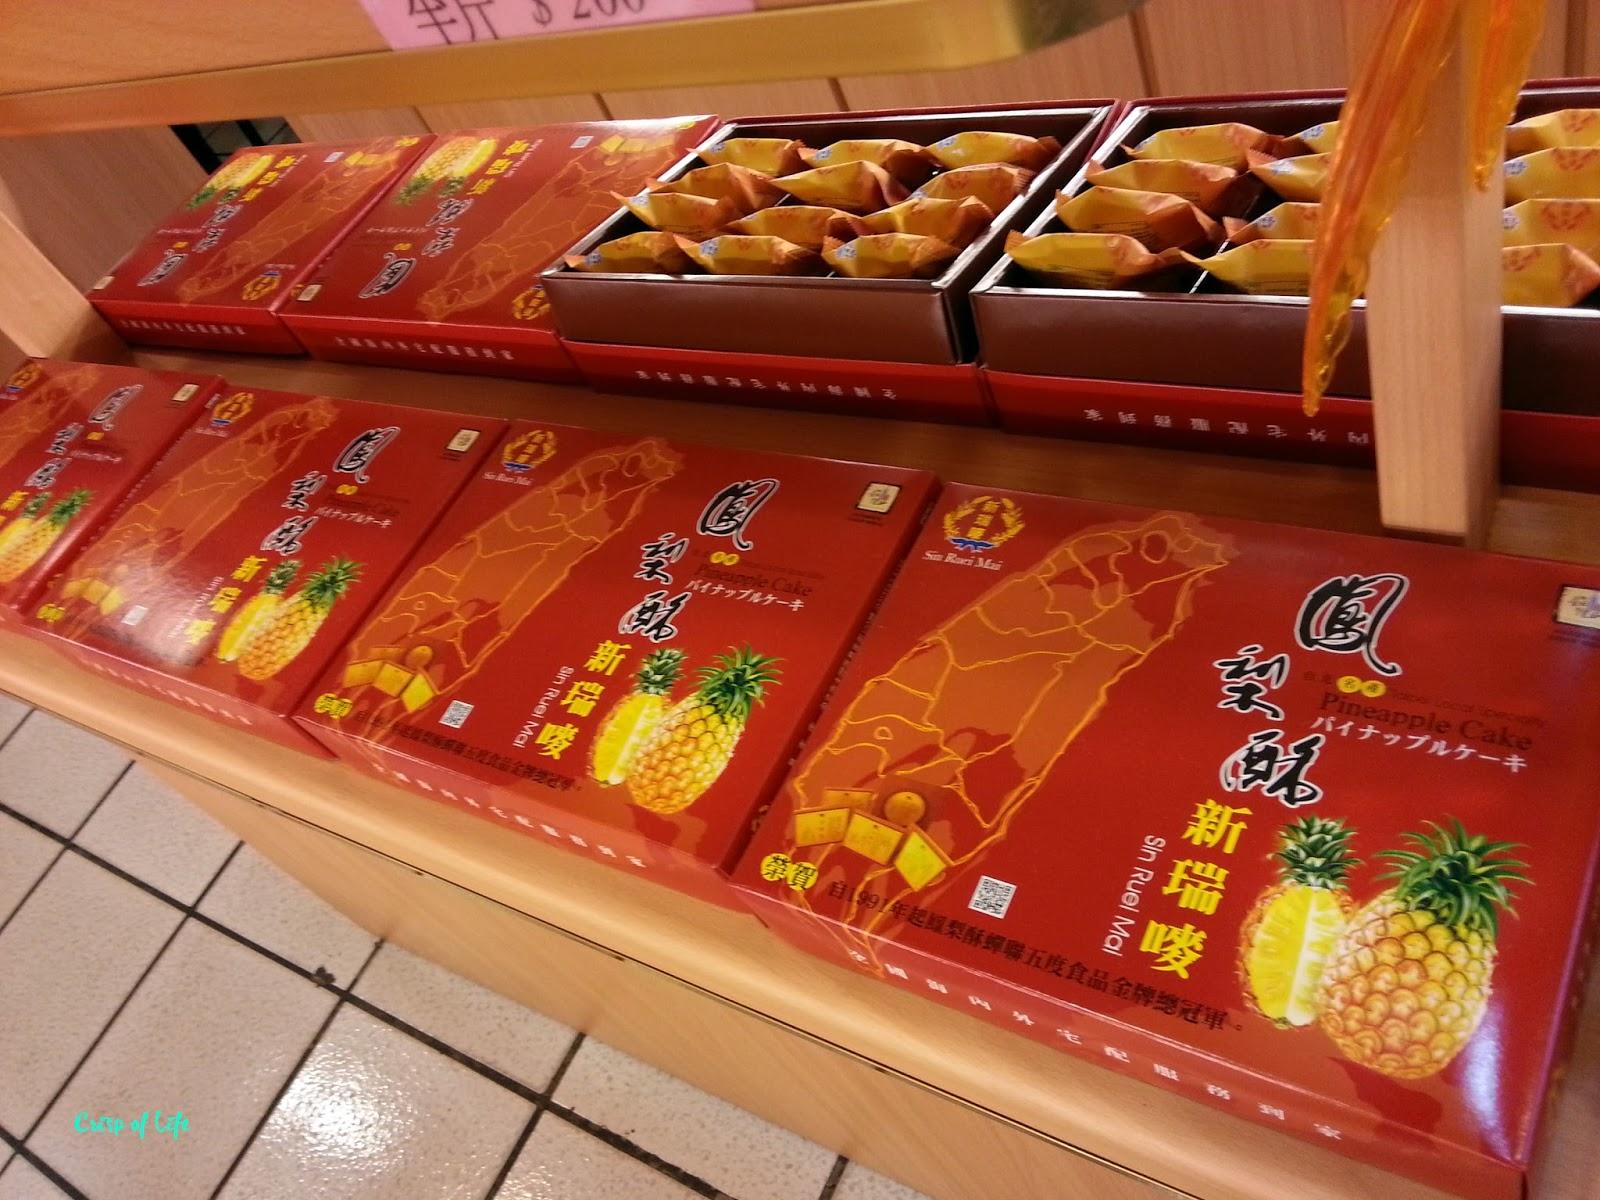 Taiwan Food Souvenirs 台湾伴手礼